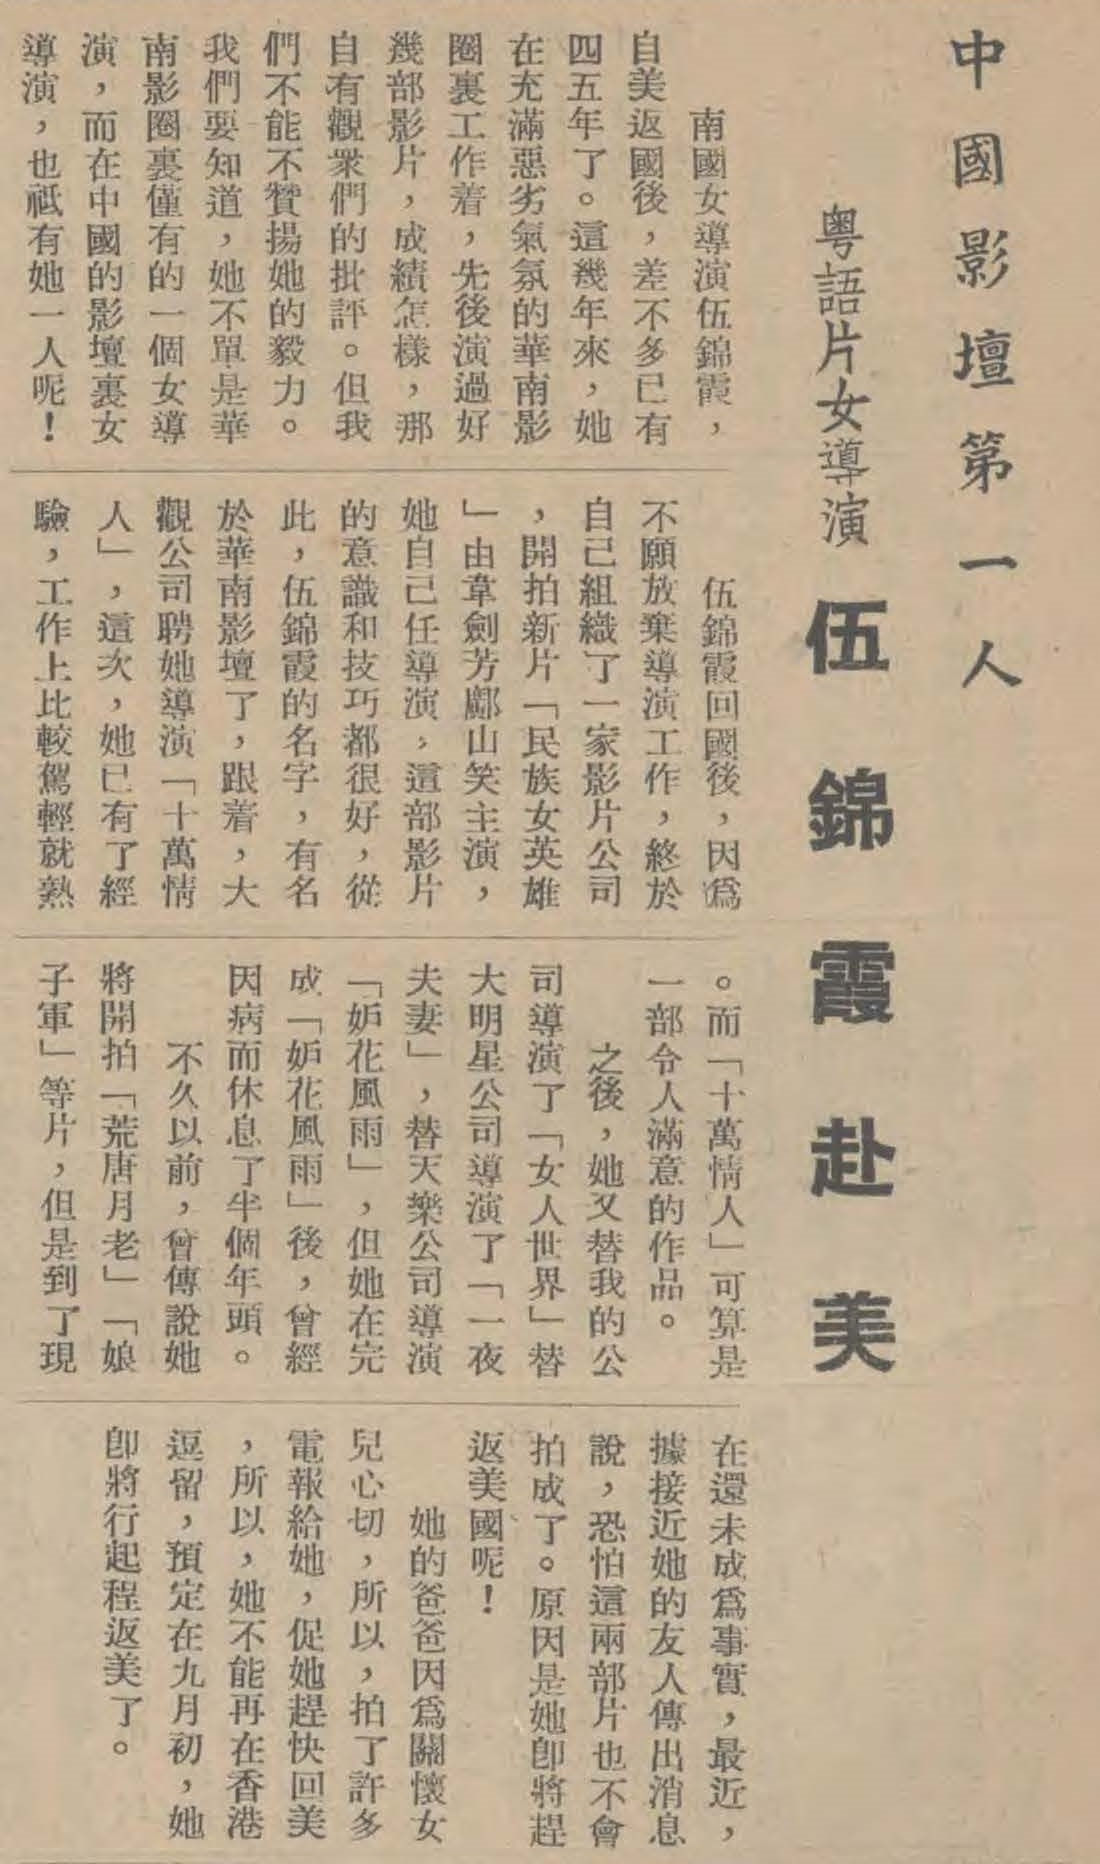 1939年《青青電影》關於伍錦霞的報導